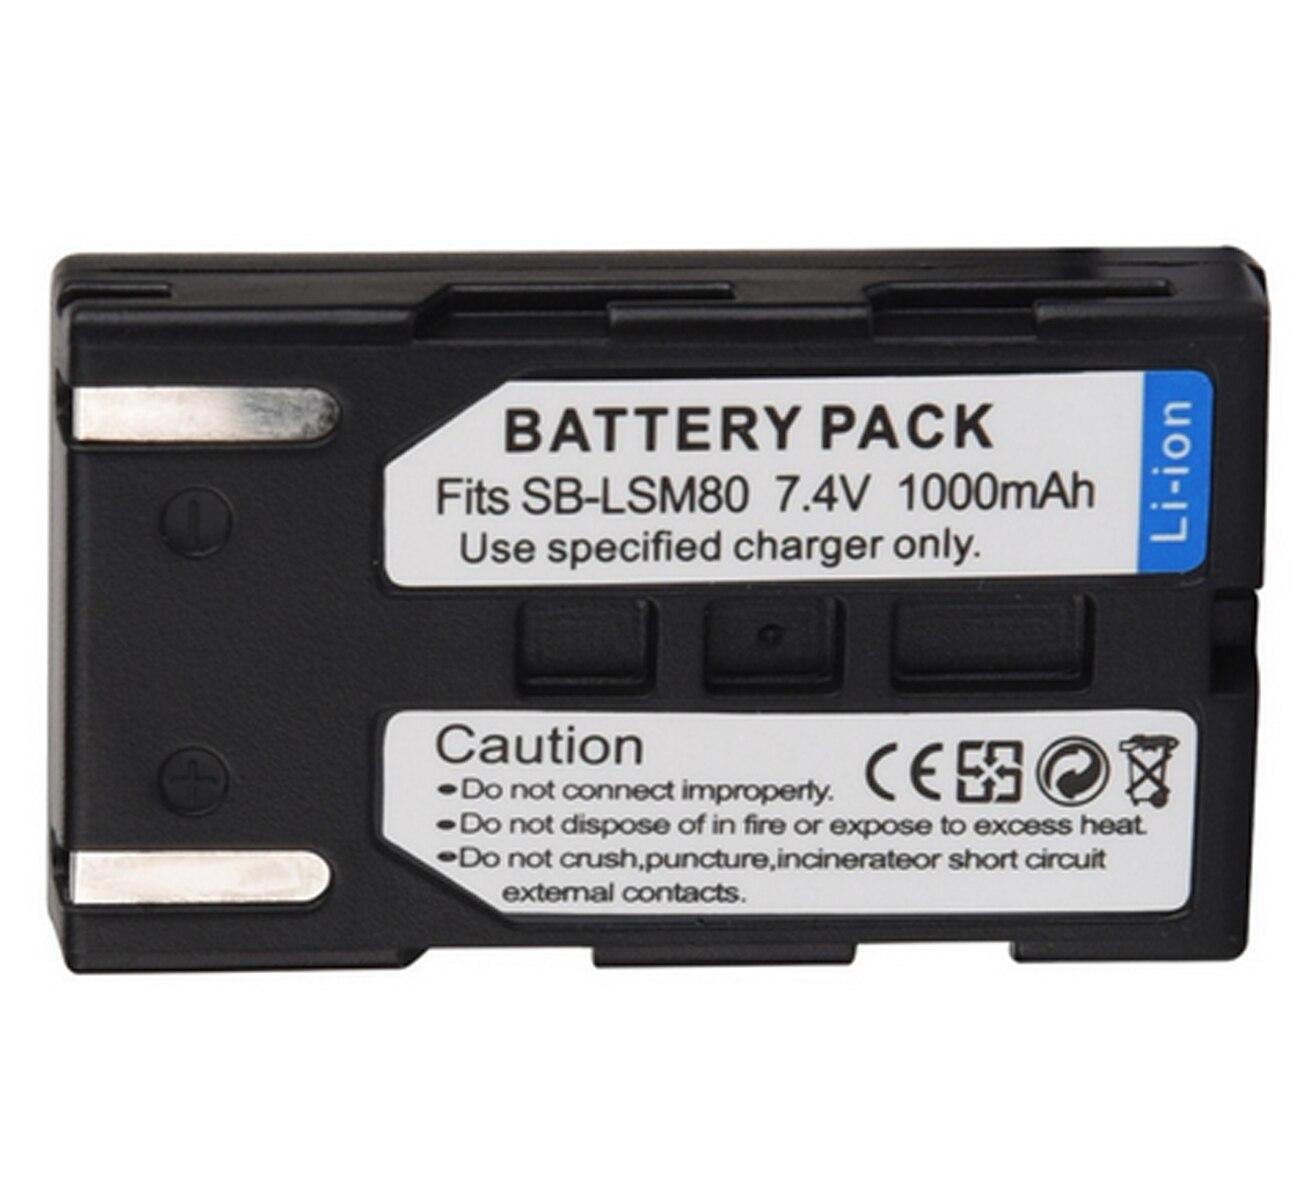 Battery 2-Pack VP-D455i Digital Camcorder VP-D452Bi VP-D453i and LCD USB Charger for Samsung VP-D451i VP-D454i